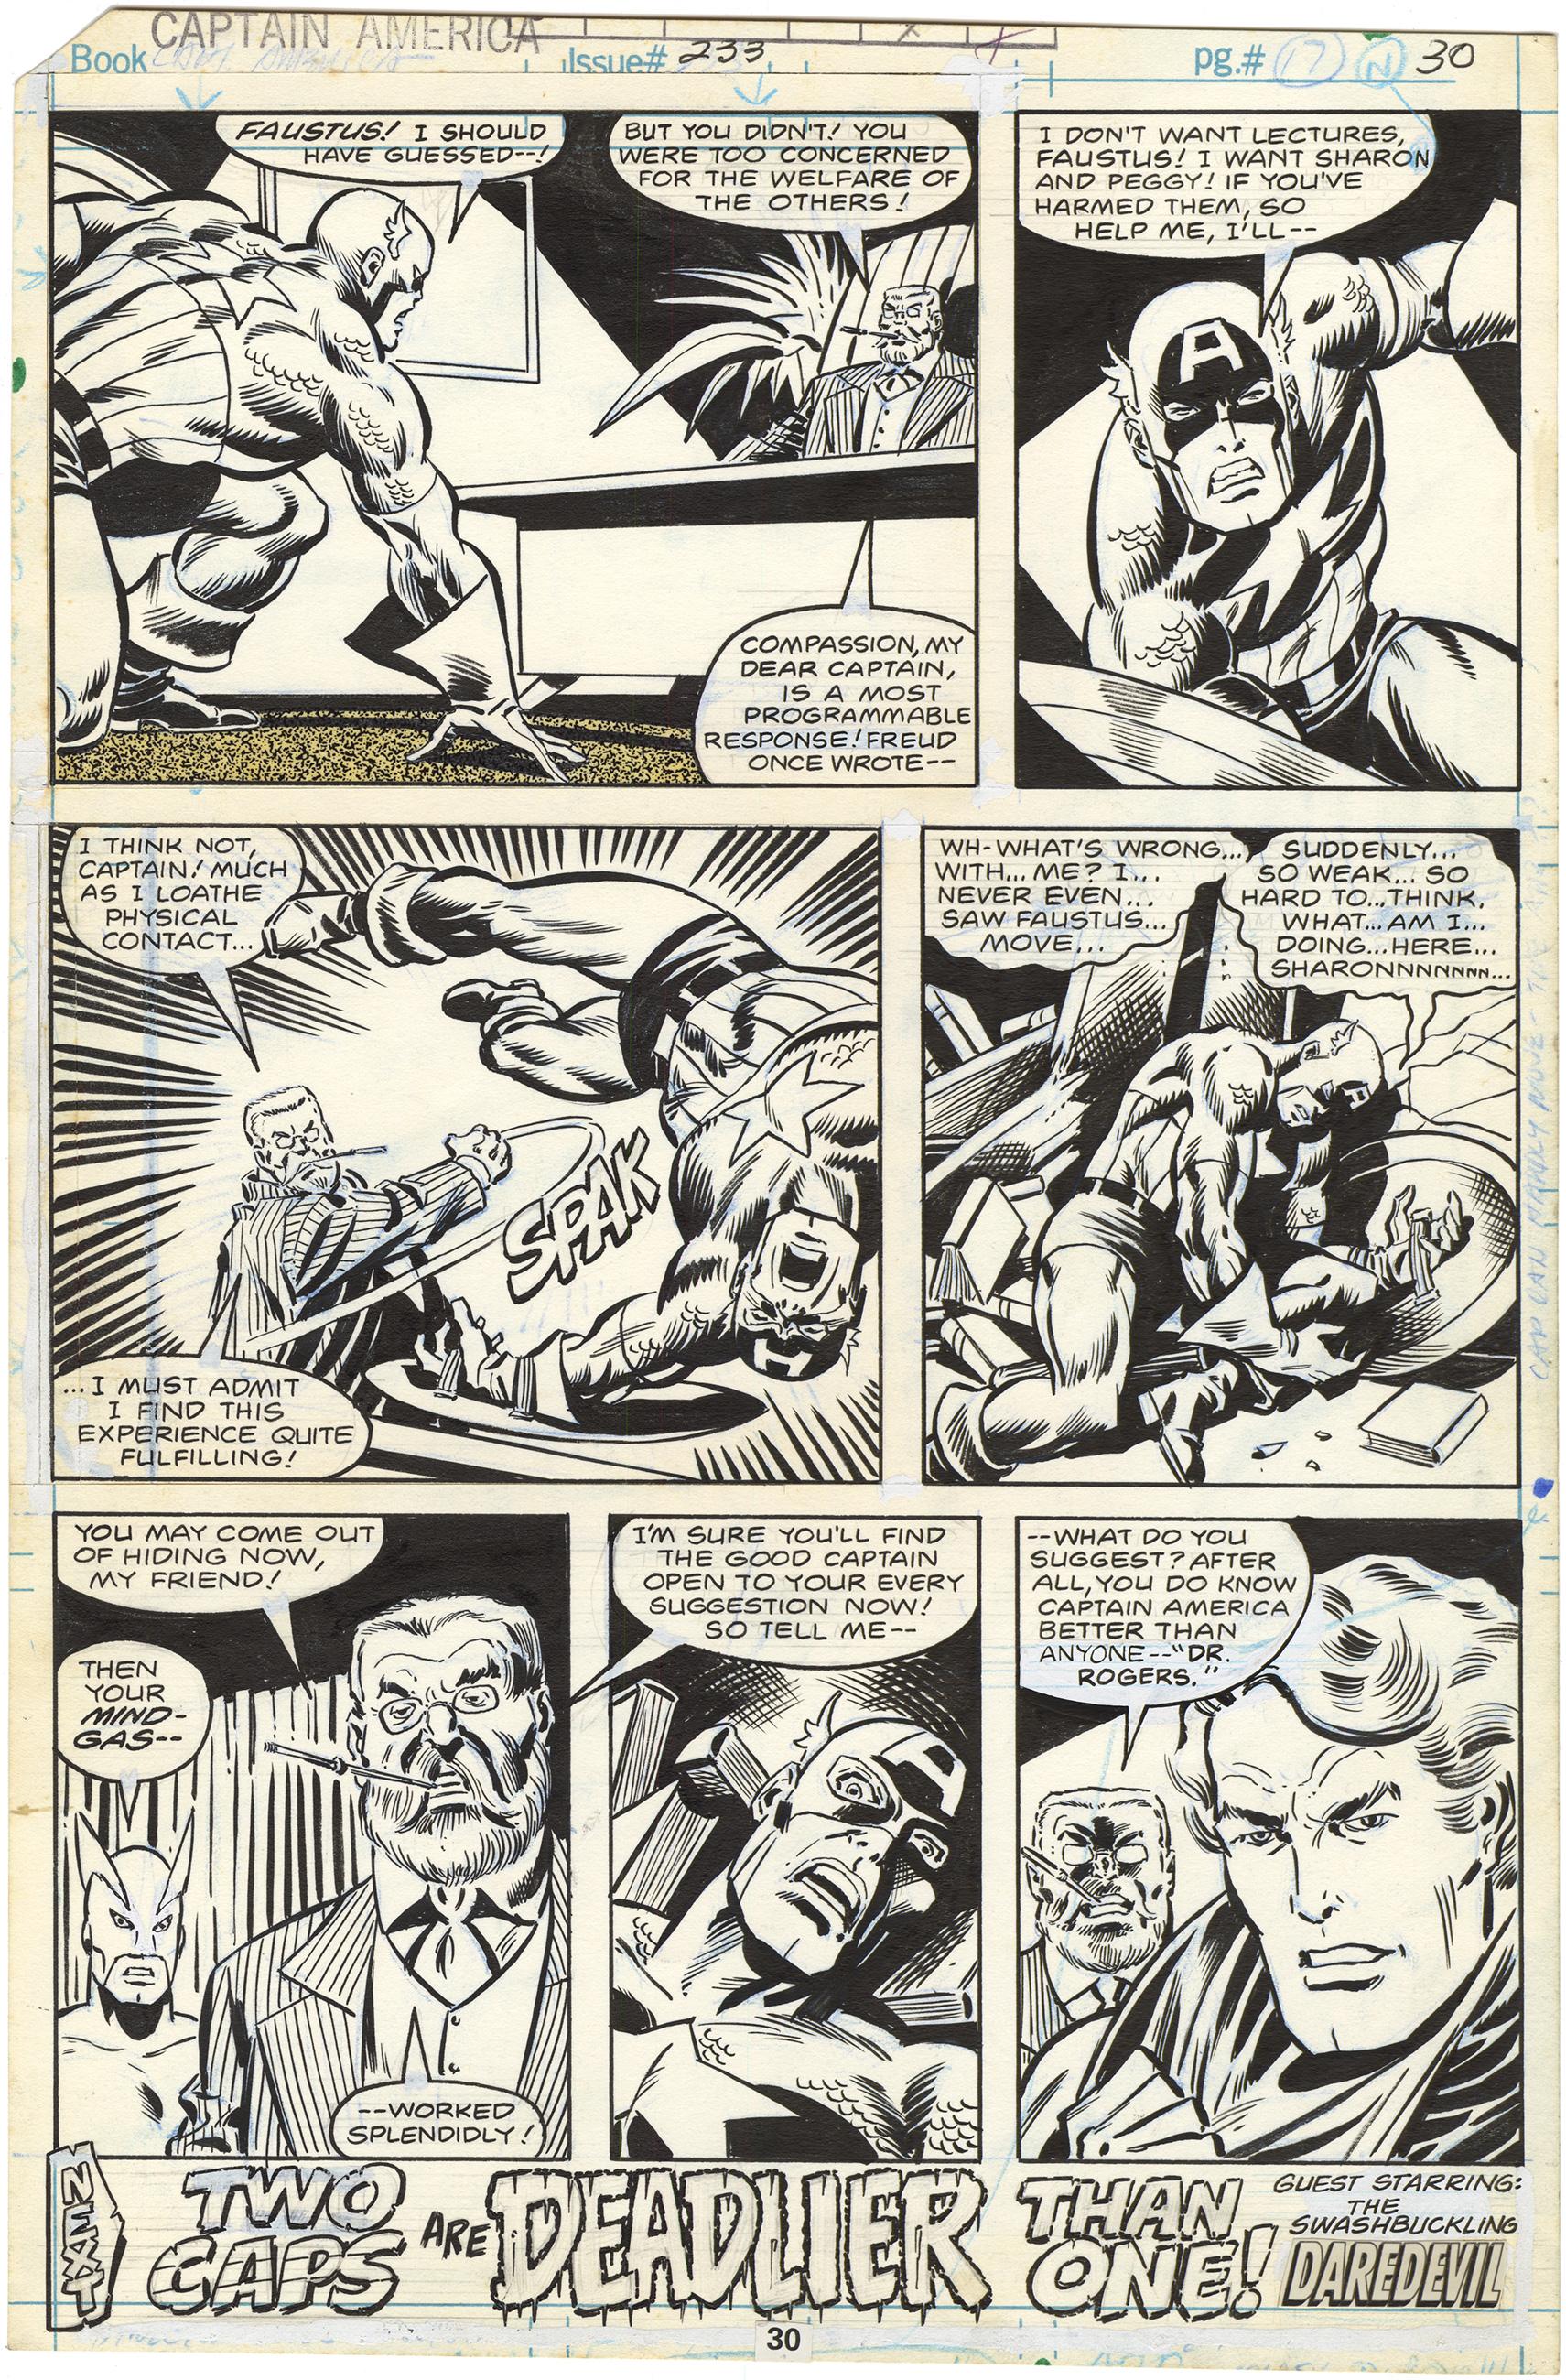 Captain America #233 p30